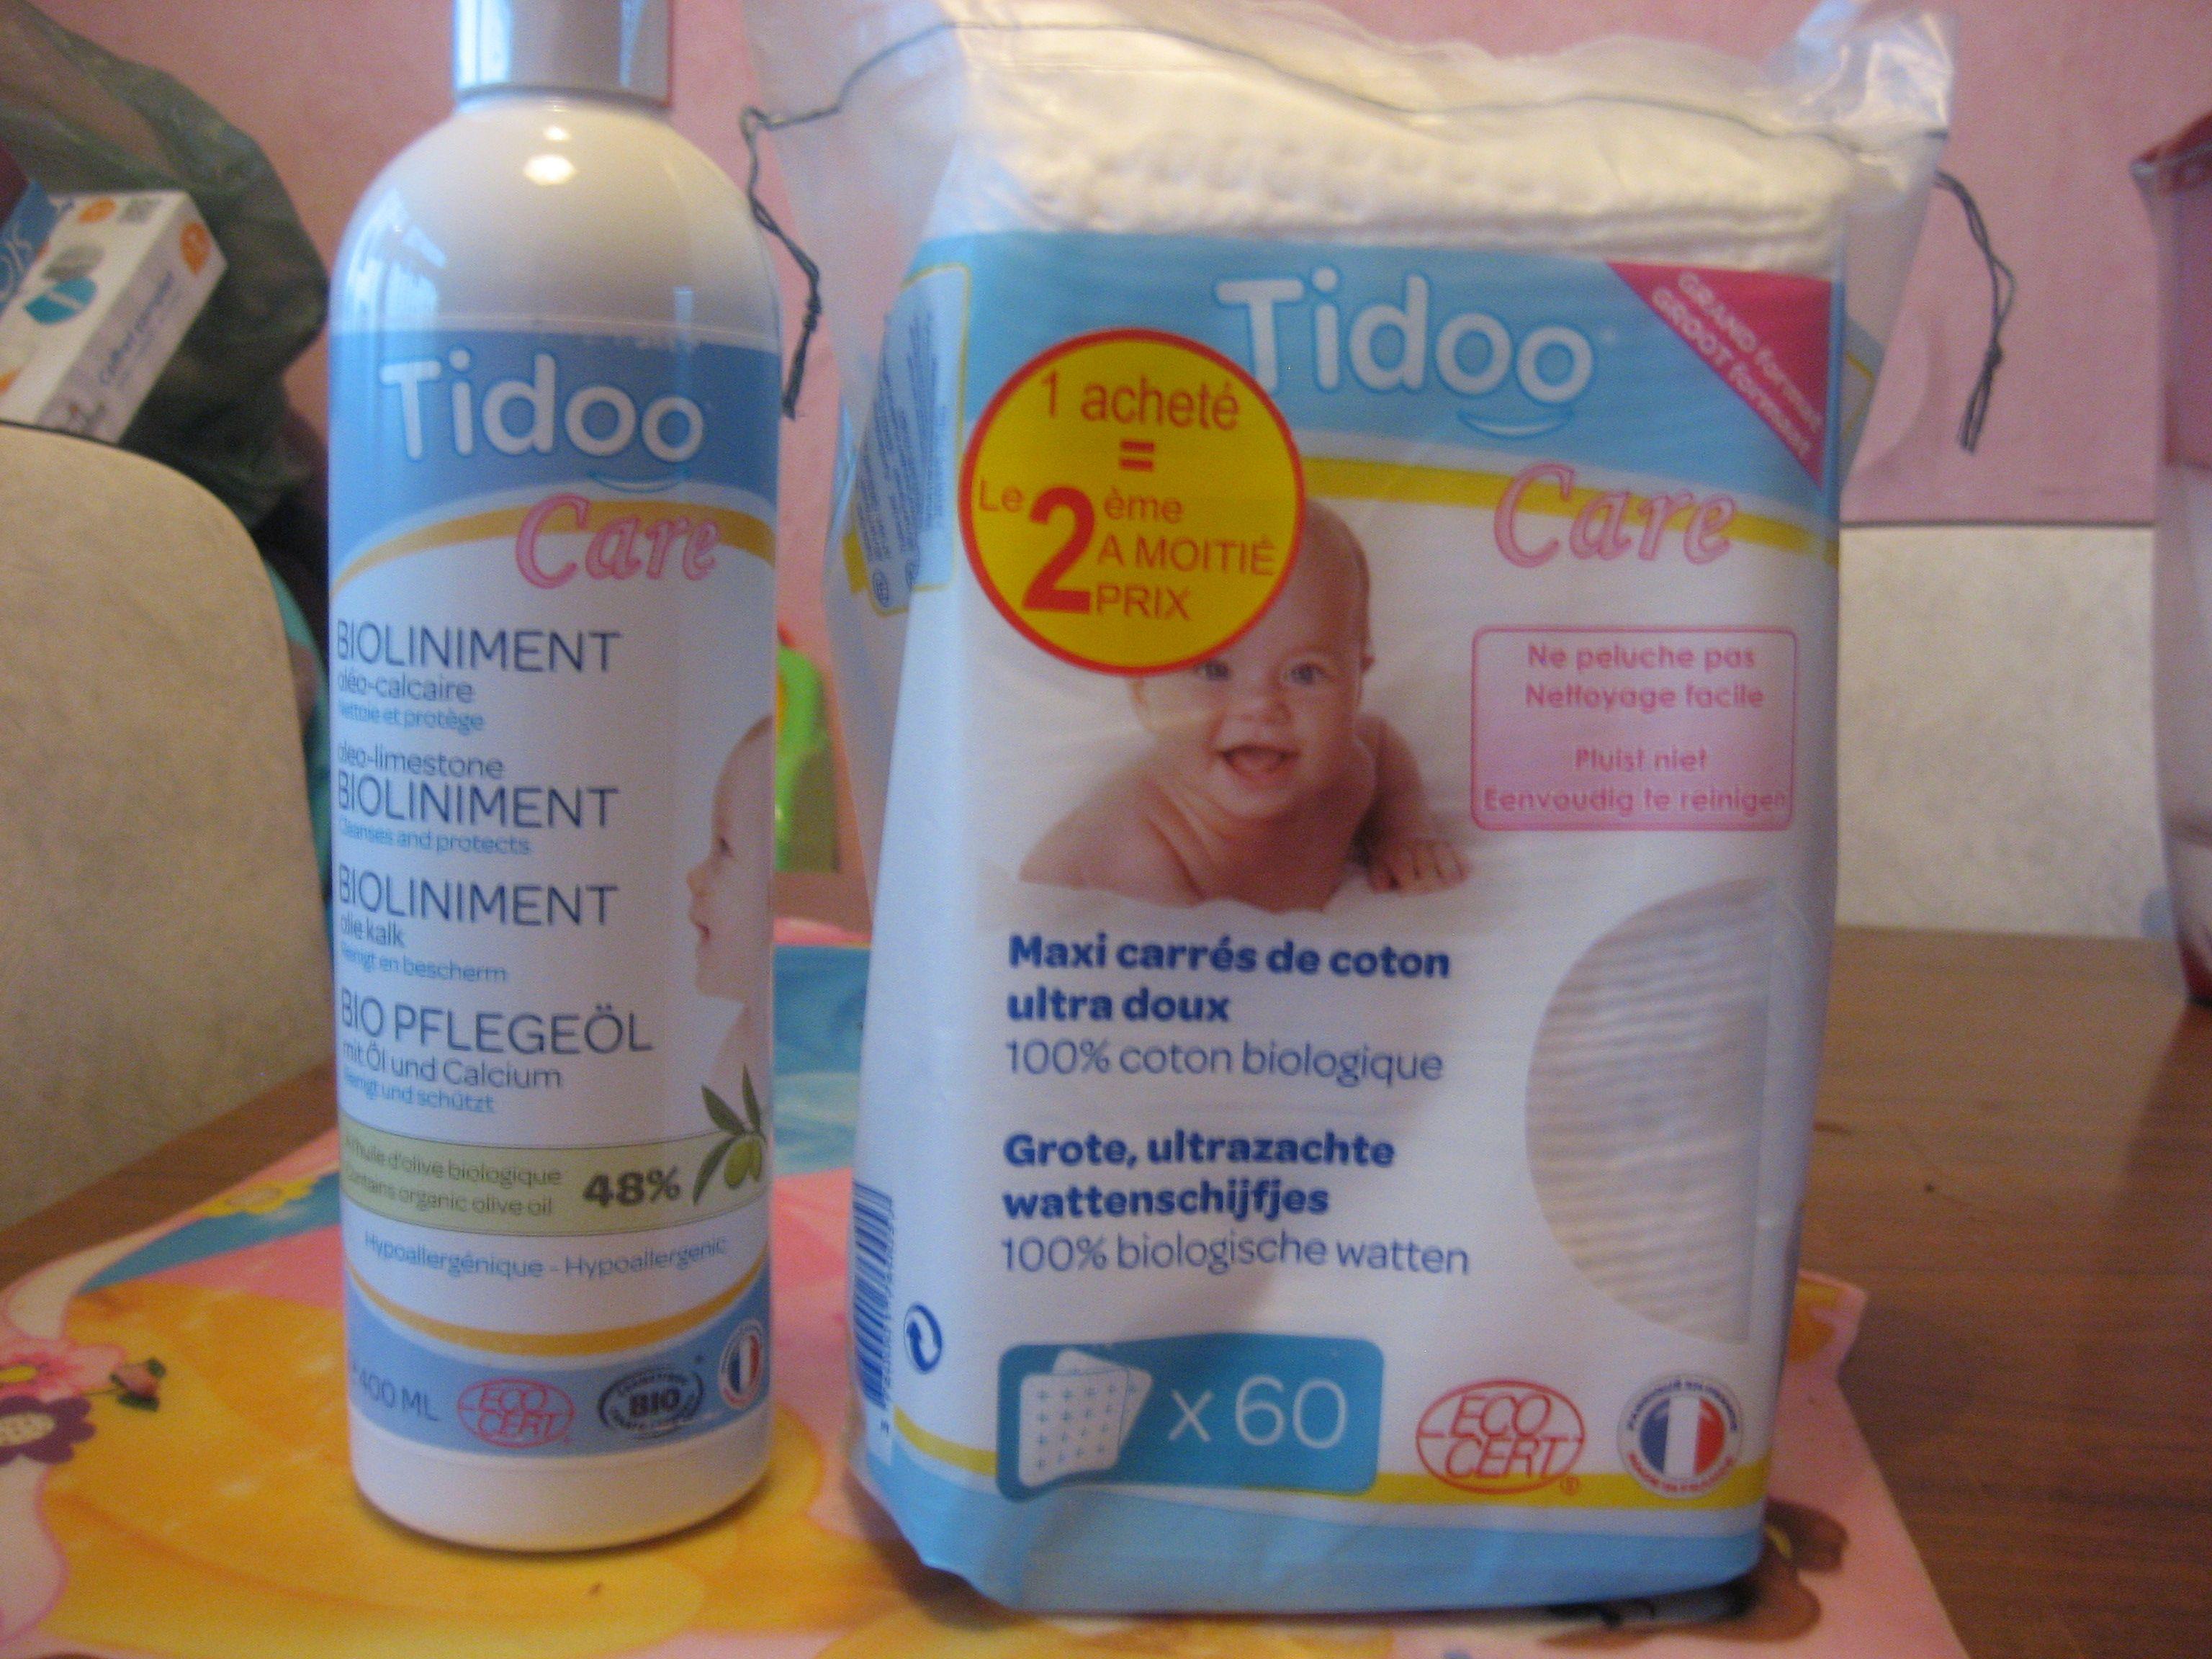 Ensemble Tidoo care Liniment oléo calcaire + carre de coton 14,85 euros